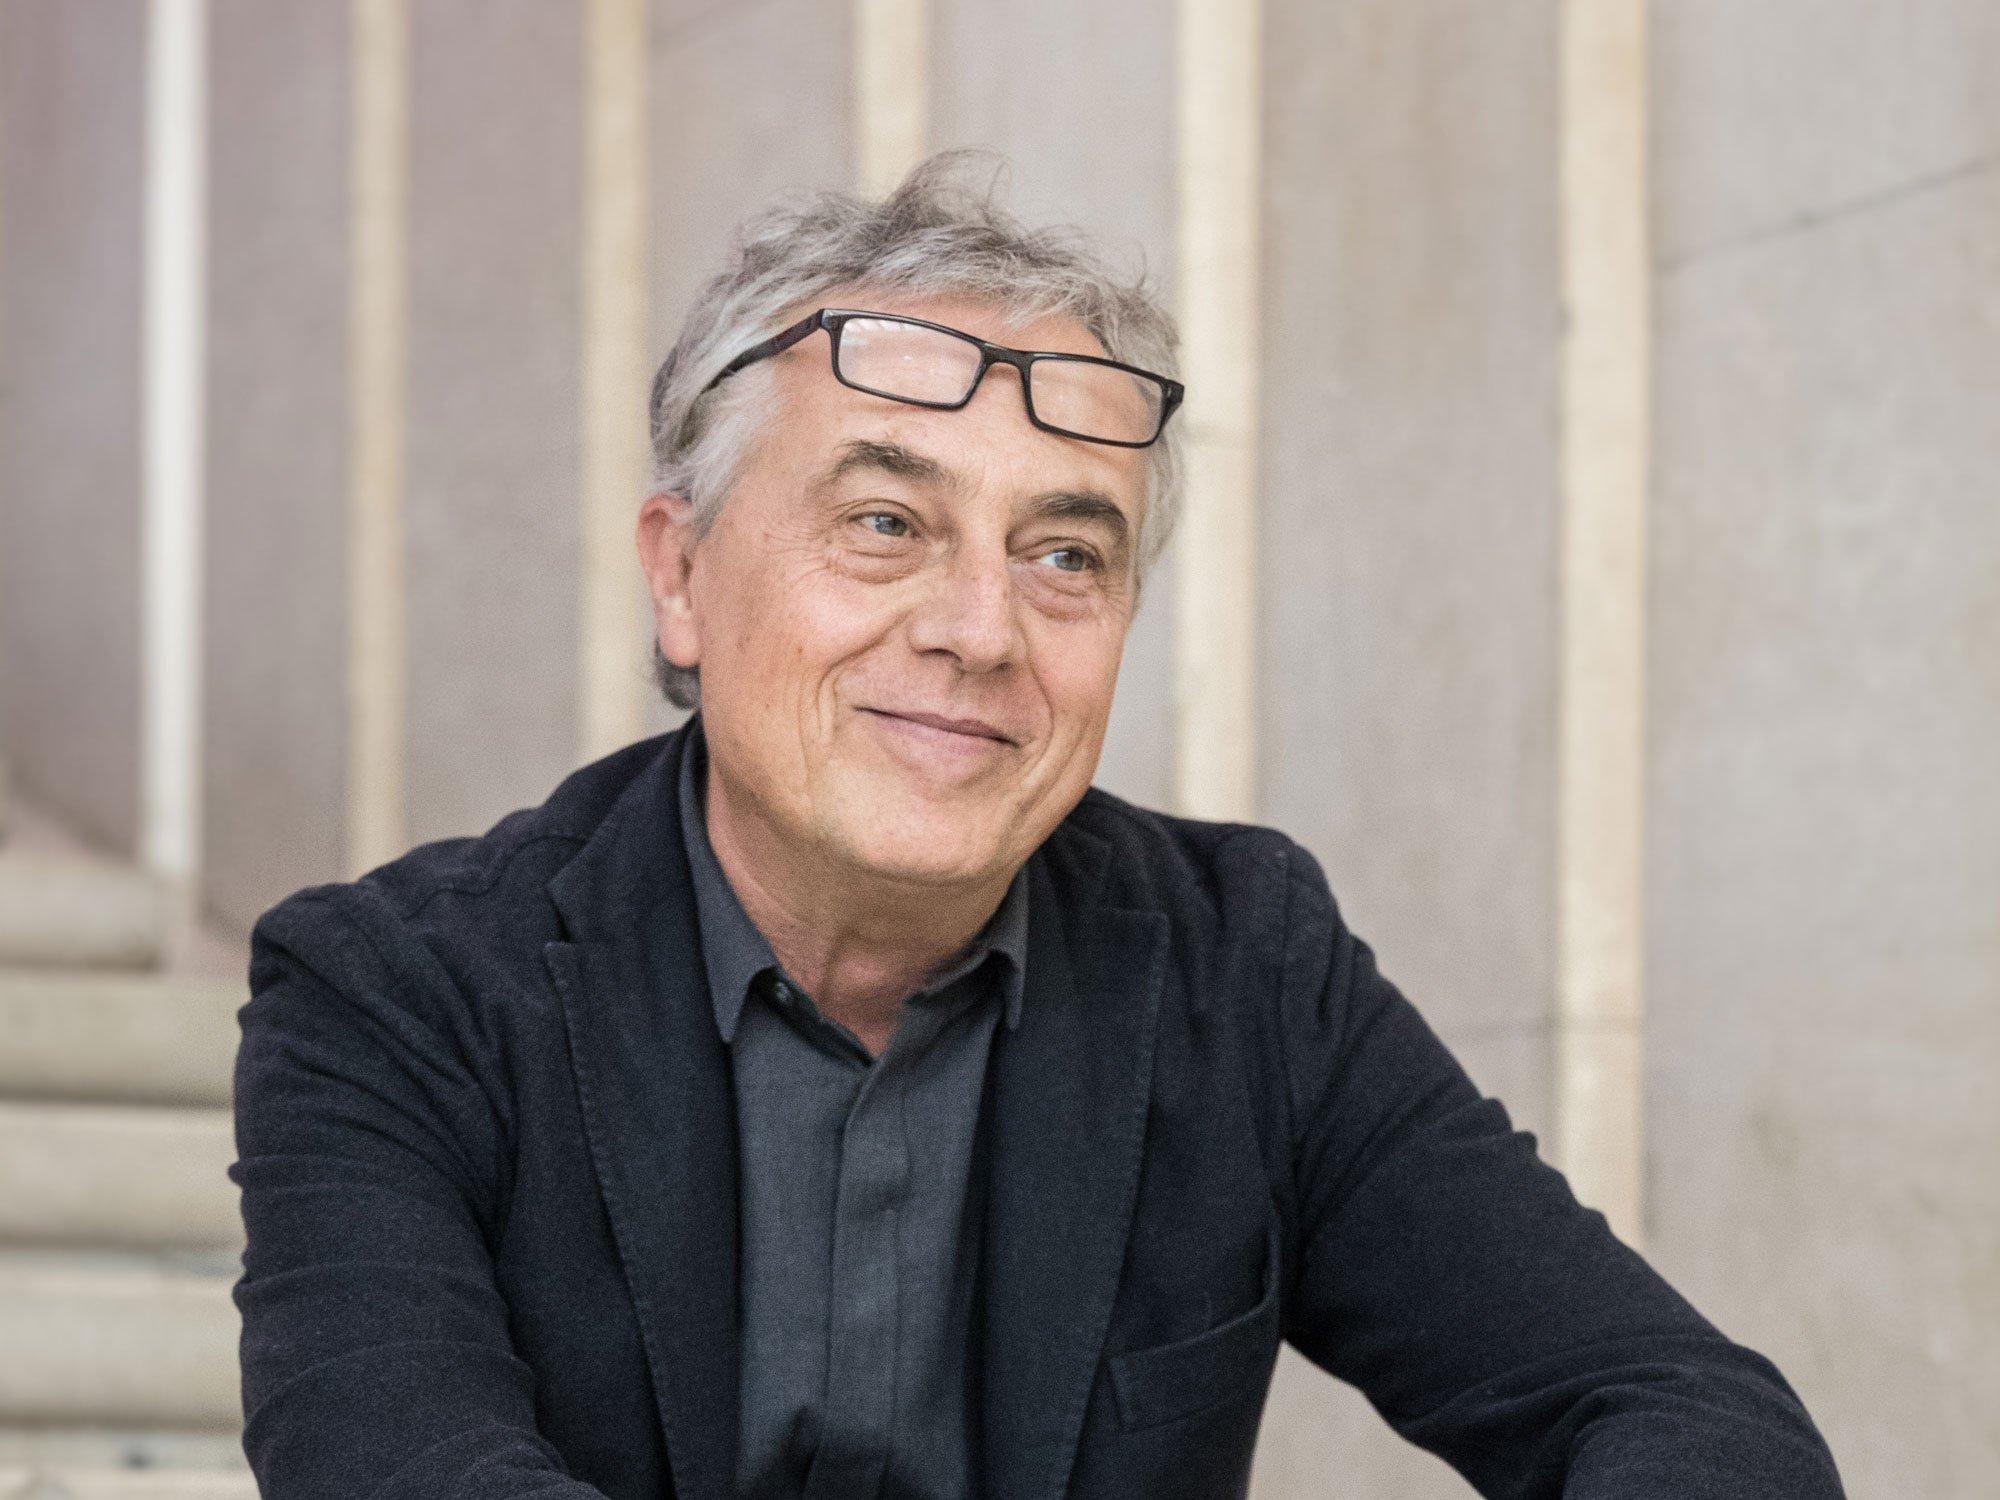 Der Mailänder Architekt Stefano Boeri im Gespräch